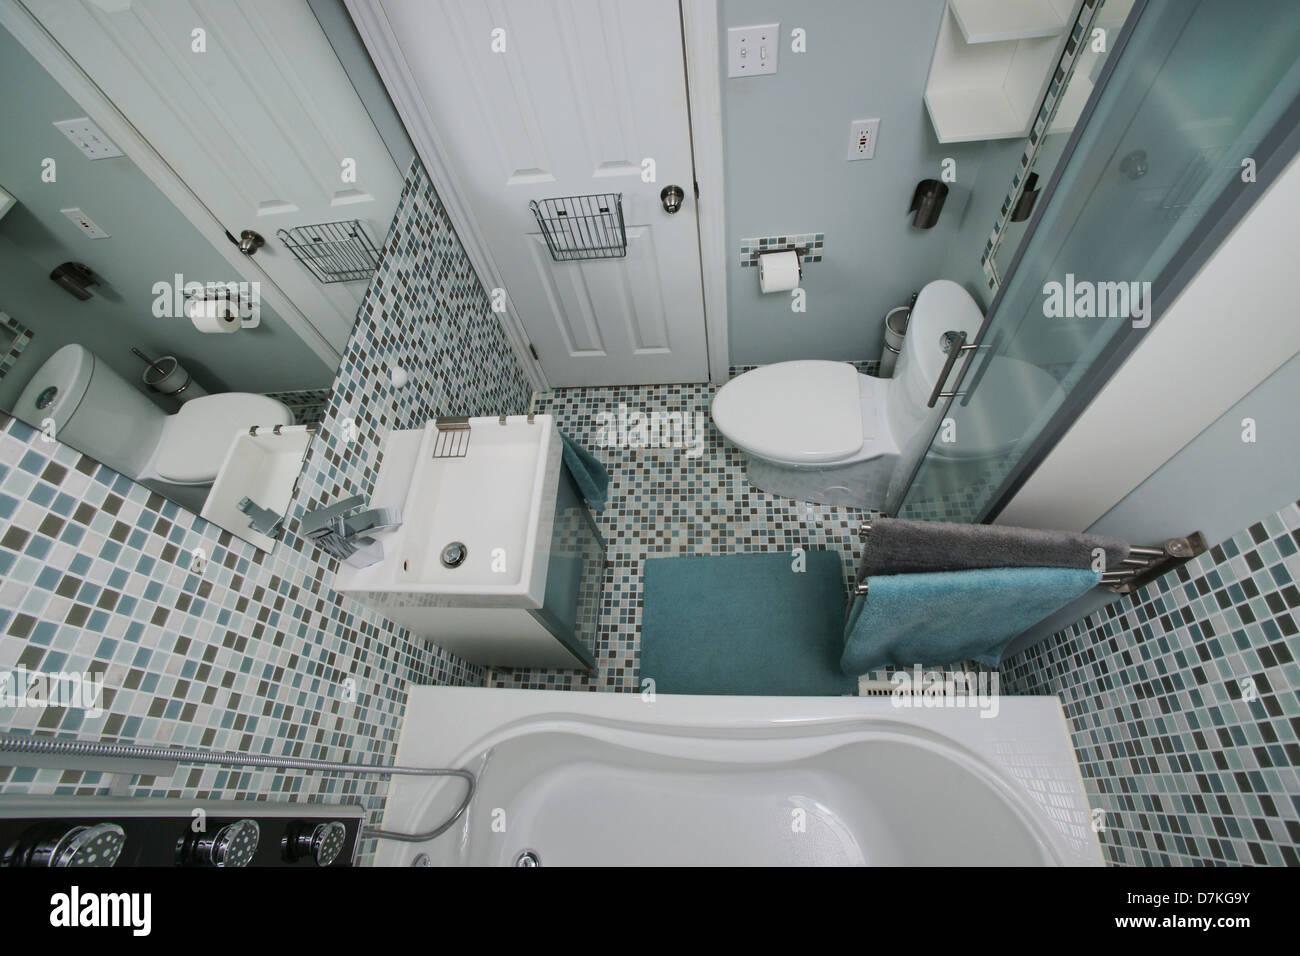 Kleines Modernes Badezimmer Interieur Mosaik Fliesen Weiss Blau